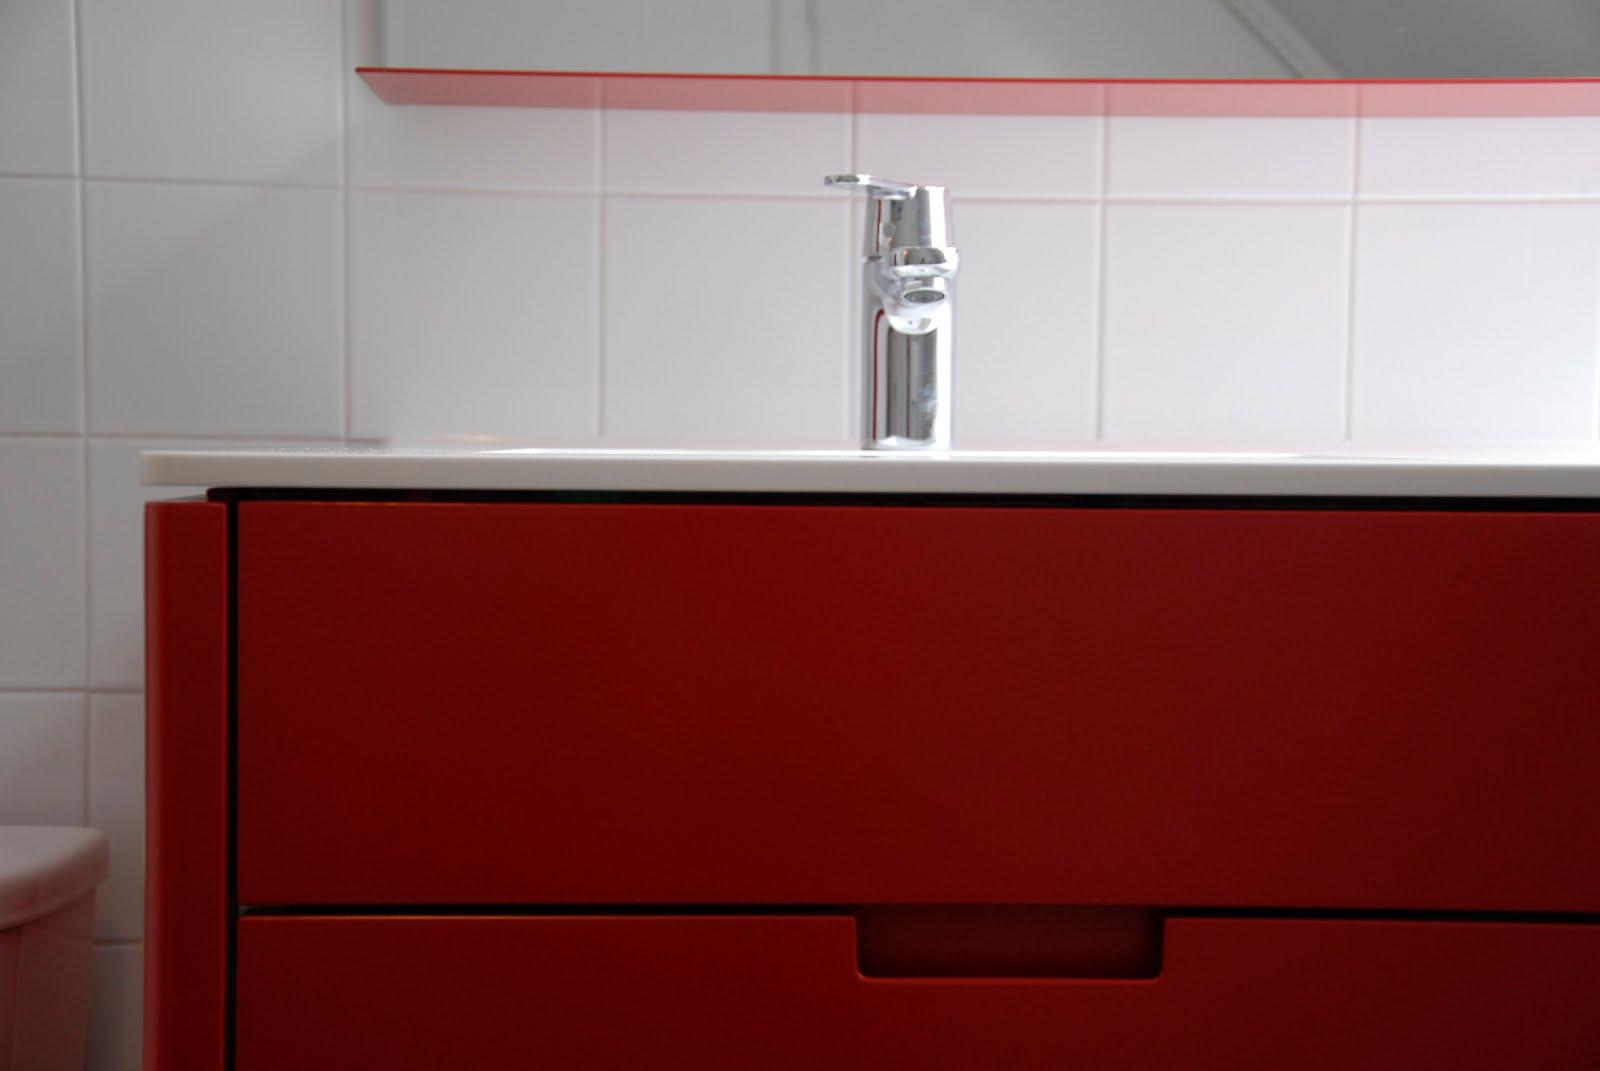 Badkamermeubel met hoekkastje en plankje.